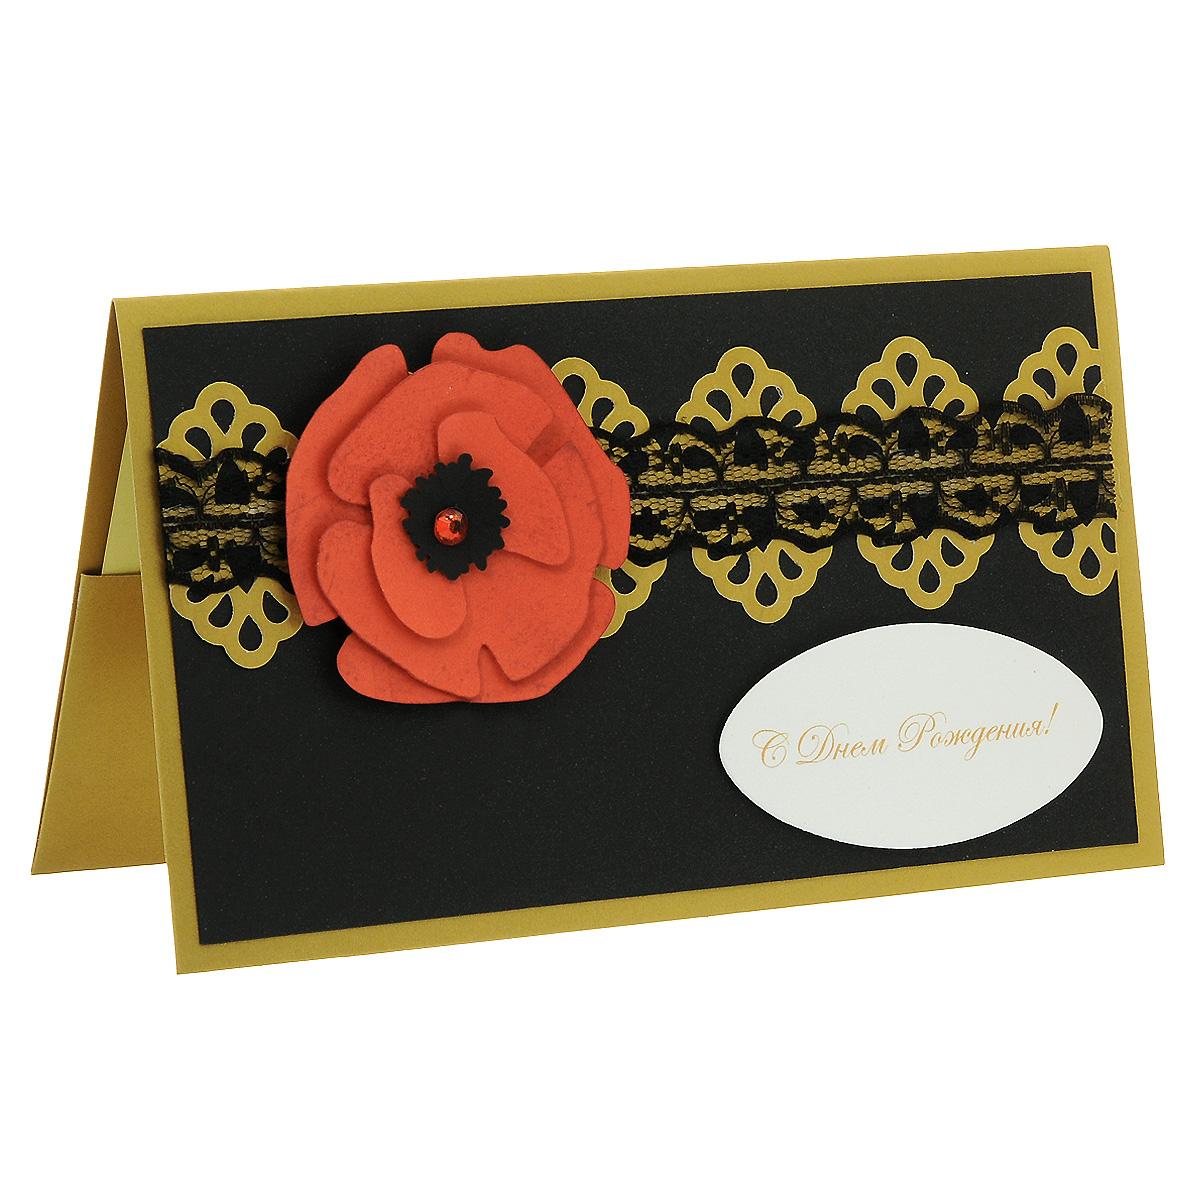 ОЖ-0018 Открытка-конверт «С Днём Рождения!» (алый мак на черном). Студия «Тётя Роза»Брелок для ключейХарактеристики: Размер 19 см x 11 см.Материал: Высоко-художественный картон, бумага, декор. Данная открытка может стать как прекрасным дополнением к вашему подарку, так и самостоятельным подарком. Так как открытка является и конвертом, в который вы можете вложить ваш денежный подарок или просто написать ваши пожелания на вкладыше. Благородноеи очень торжественное сочетание черных,красных и золотых цветов придает этой открытке изысканный стиль. Стилизованный цветок мака вырезан и затонирован вручную. В декоре использовано черное капроновое кружево и блестящий стразик. Также открытка упакована в пакетик для сохранности.Обращаем Ваше внимание на то, что открытка может незначительно отличаться от представленной на фото.Открытки ручной работы от студии Тётя Роза отличаются своим неповторимым и ярким стилем. Каждая уникальна и выполнена вручную мастерами студии. (Открытка для мужчин, открытка для женщины, открытка на день рождения, открытка с днем свадьбы, открытка винтаж, открытка с юбилеем, открытка на все случаи, скрапбукинг)